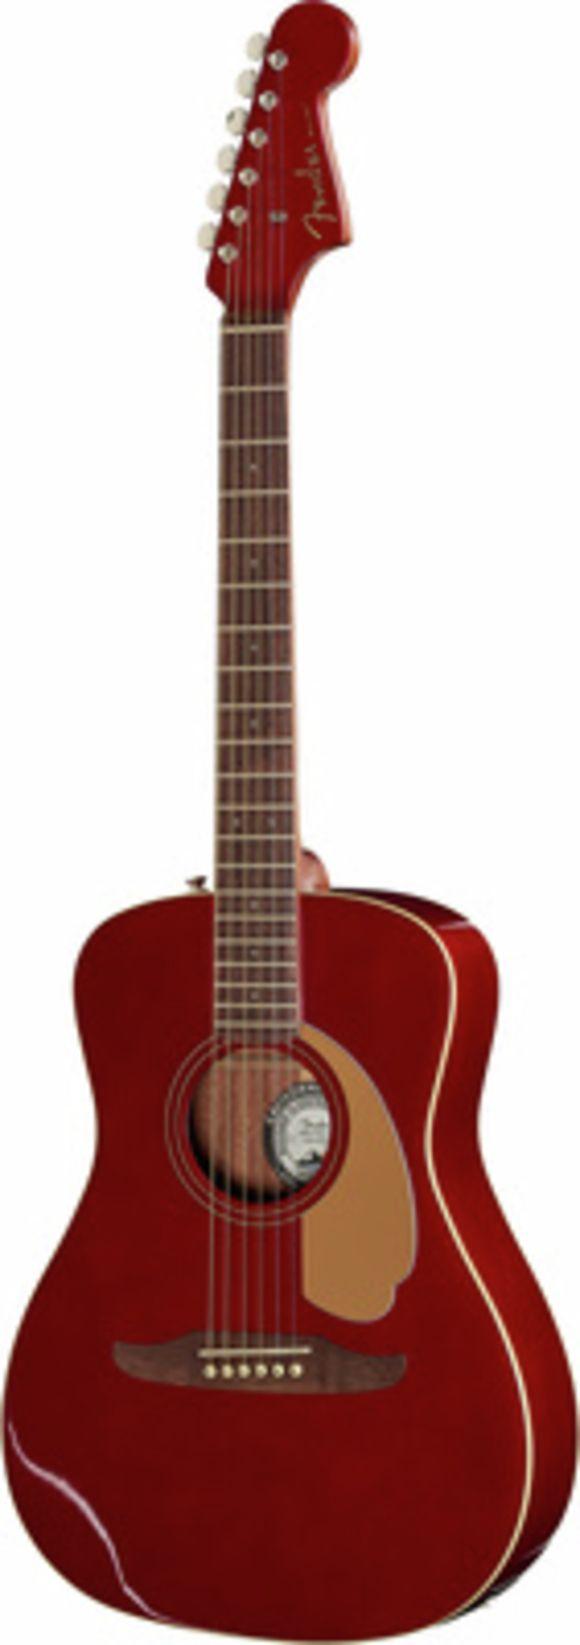 Malibu Player CAR Fender